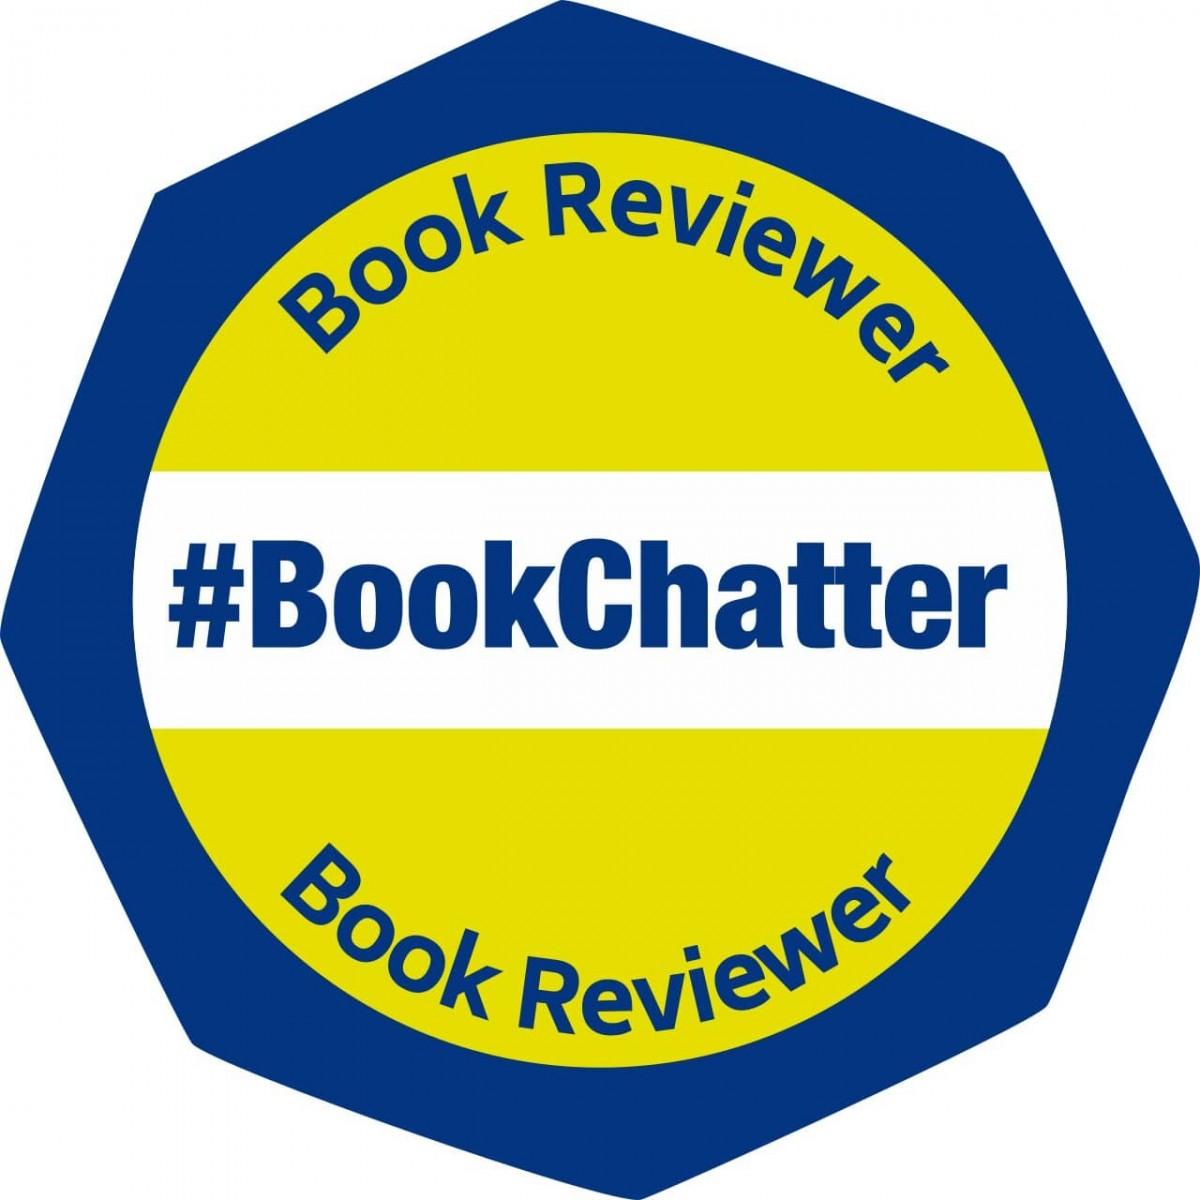 bookreviewer badge